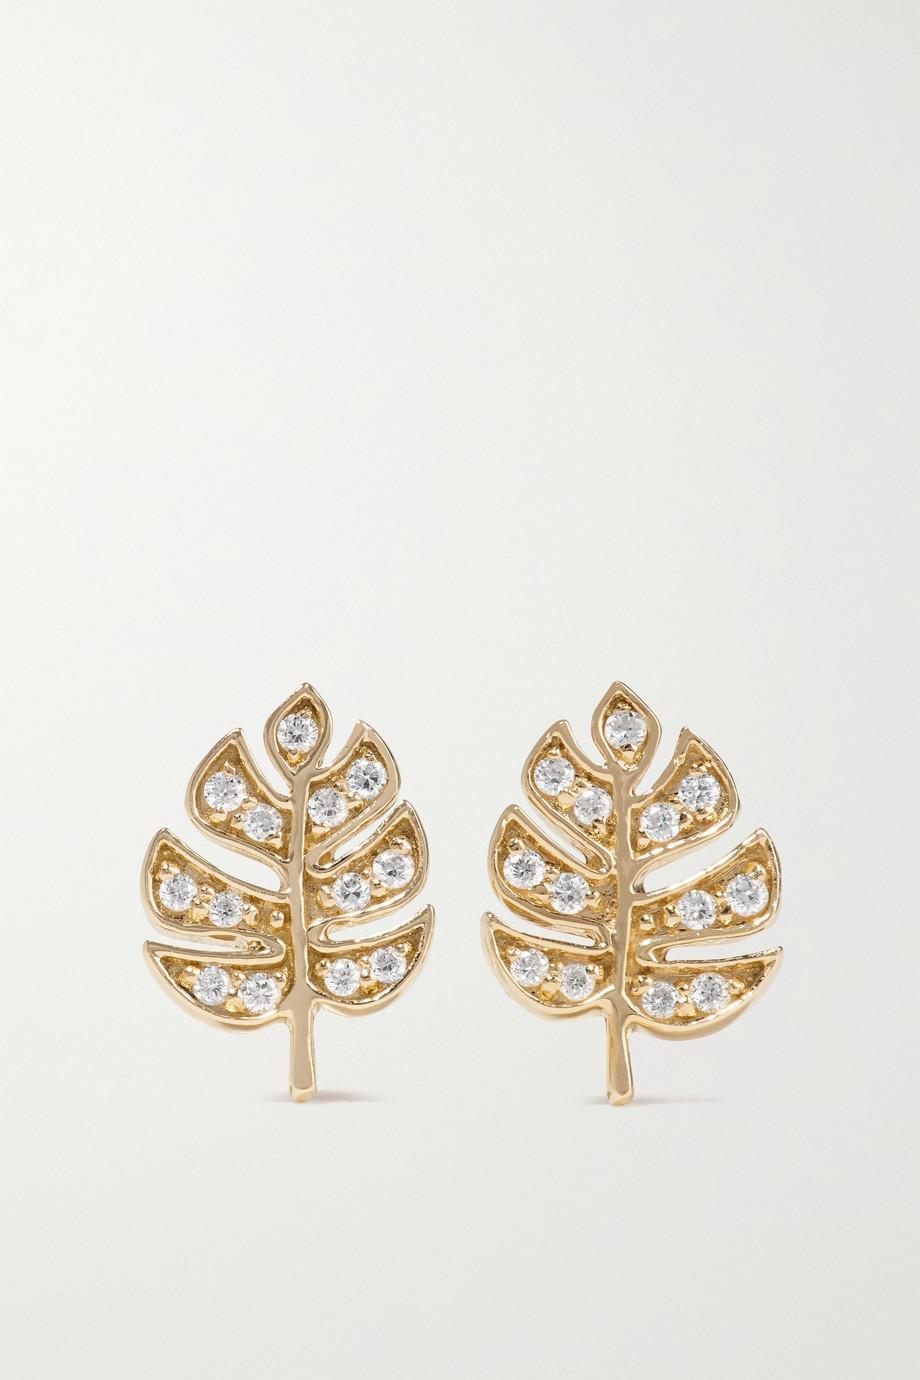 Sydney Evan Tiny Monstera Leaf Ohrstecker aus 14 Karat Gold mit Diamanten